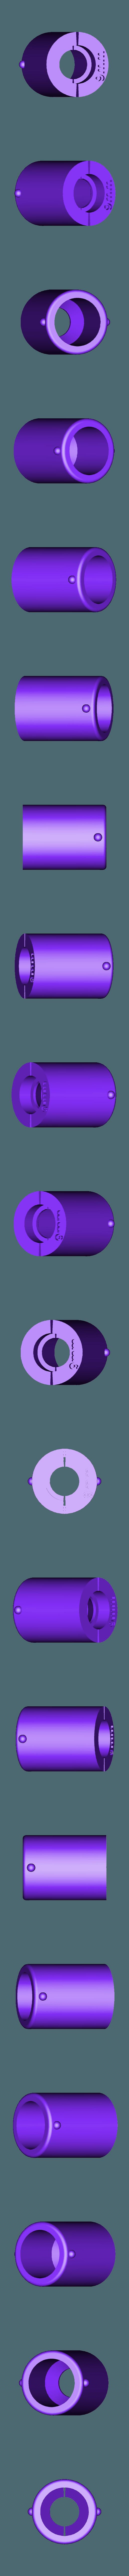 insert9mm.simple.stl Download free STL file Bullet puller • 3D printable design, LionFox